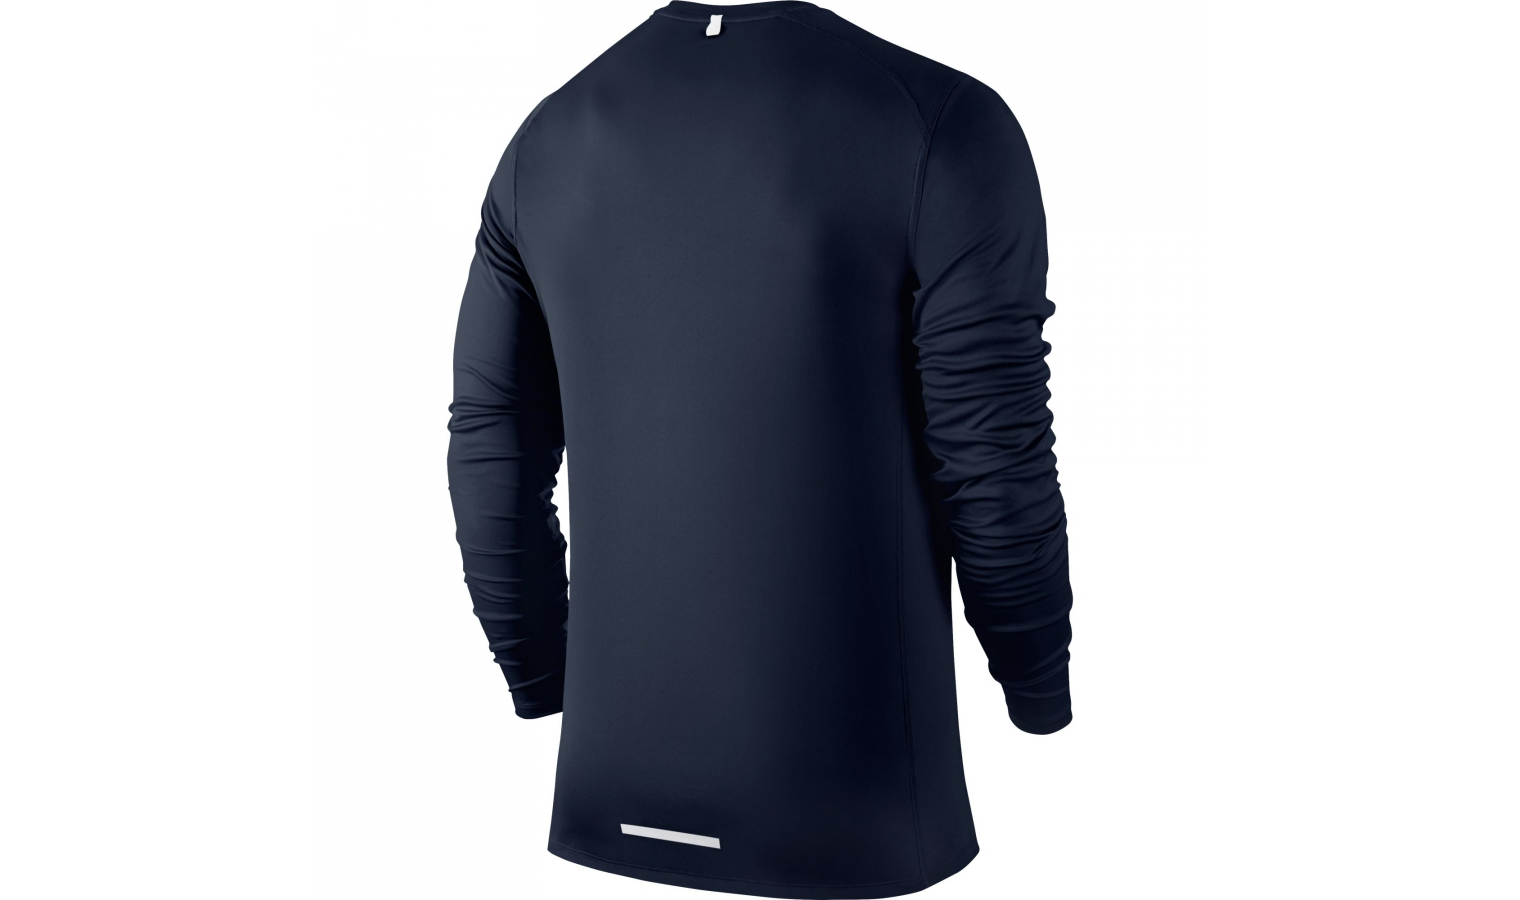 fc4e34d5ed Pánské běžecké tričko Nike DRI-FIT MILER modré